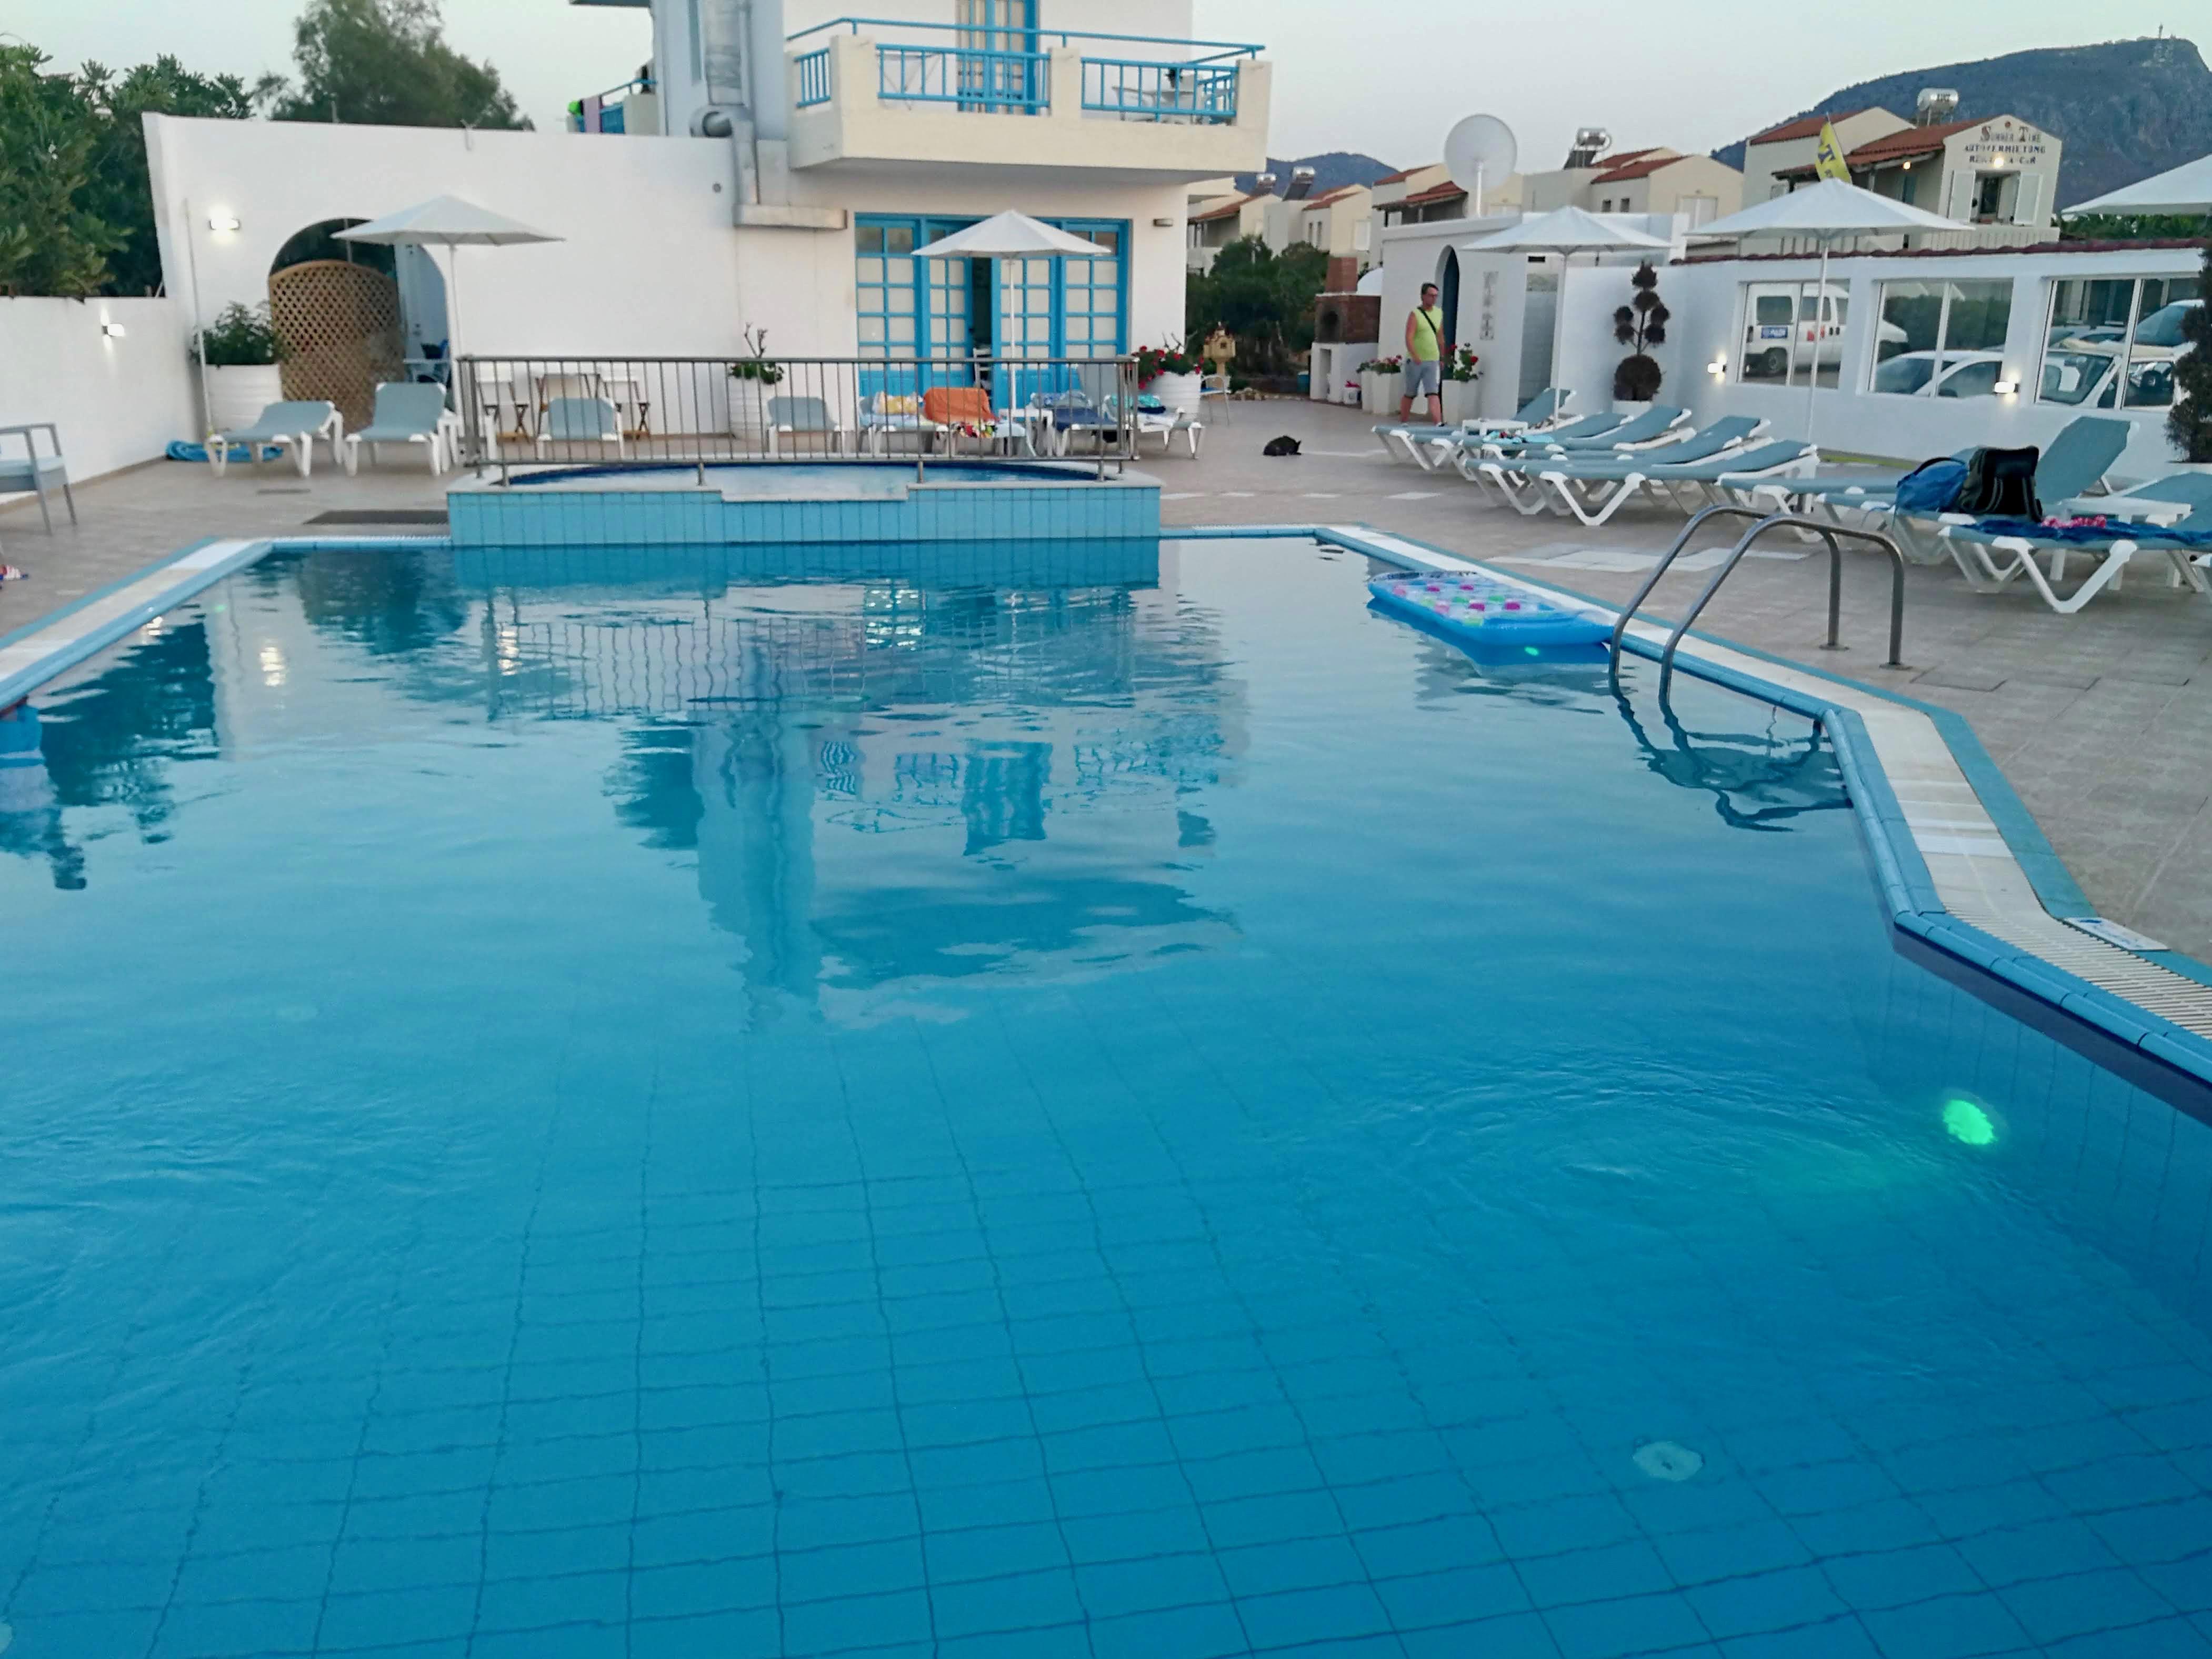 A hotel medencéje